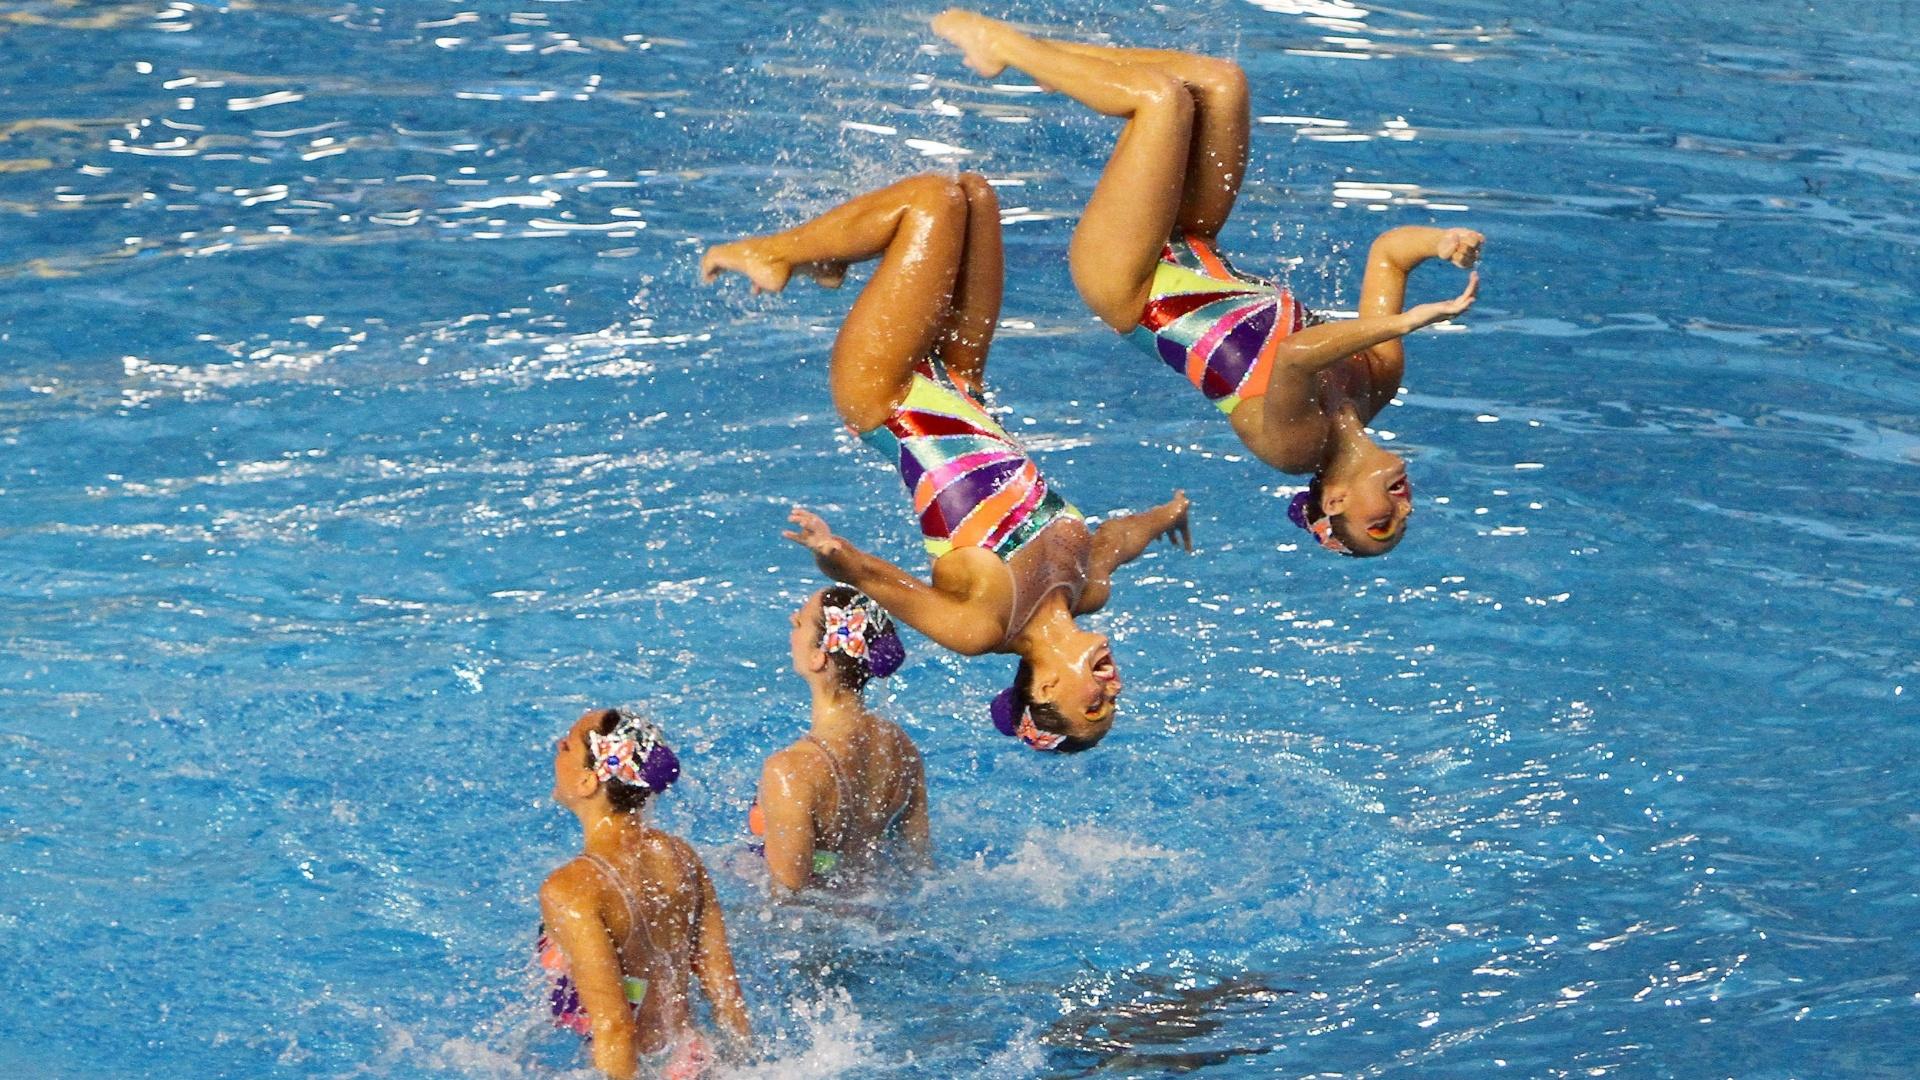 Equipe do nado sincronizado apresentou a rotina técnica e recebeu dos juízes 87,625, rotina livre acontece na sexta-feira (19/10/2011)